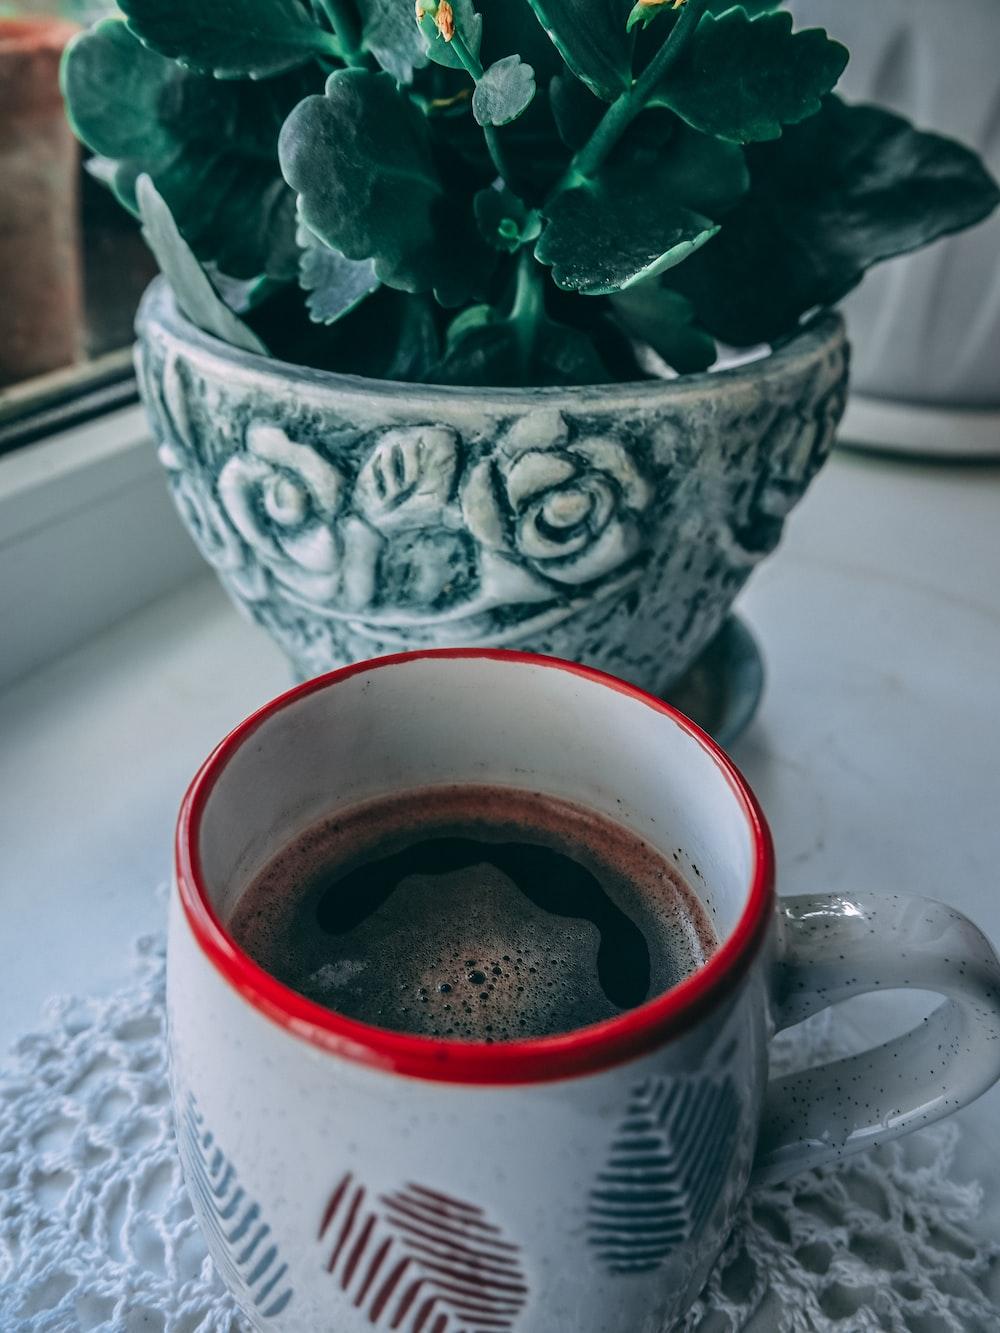 beverage filled mug beside plant in pot